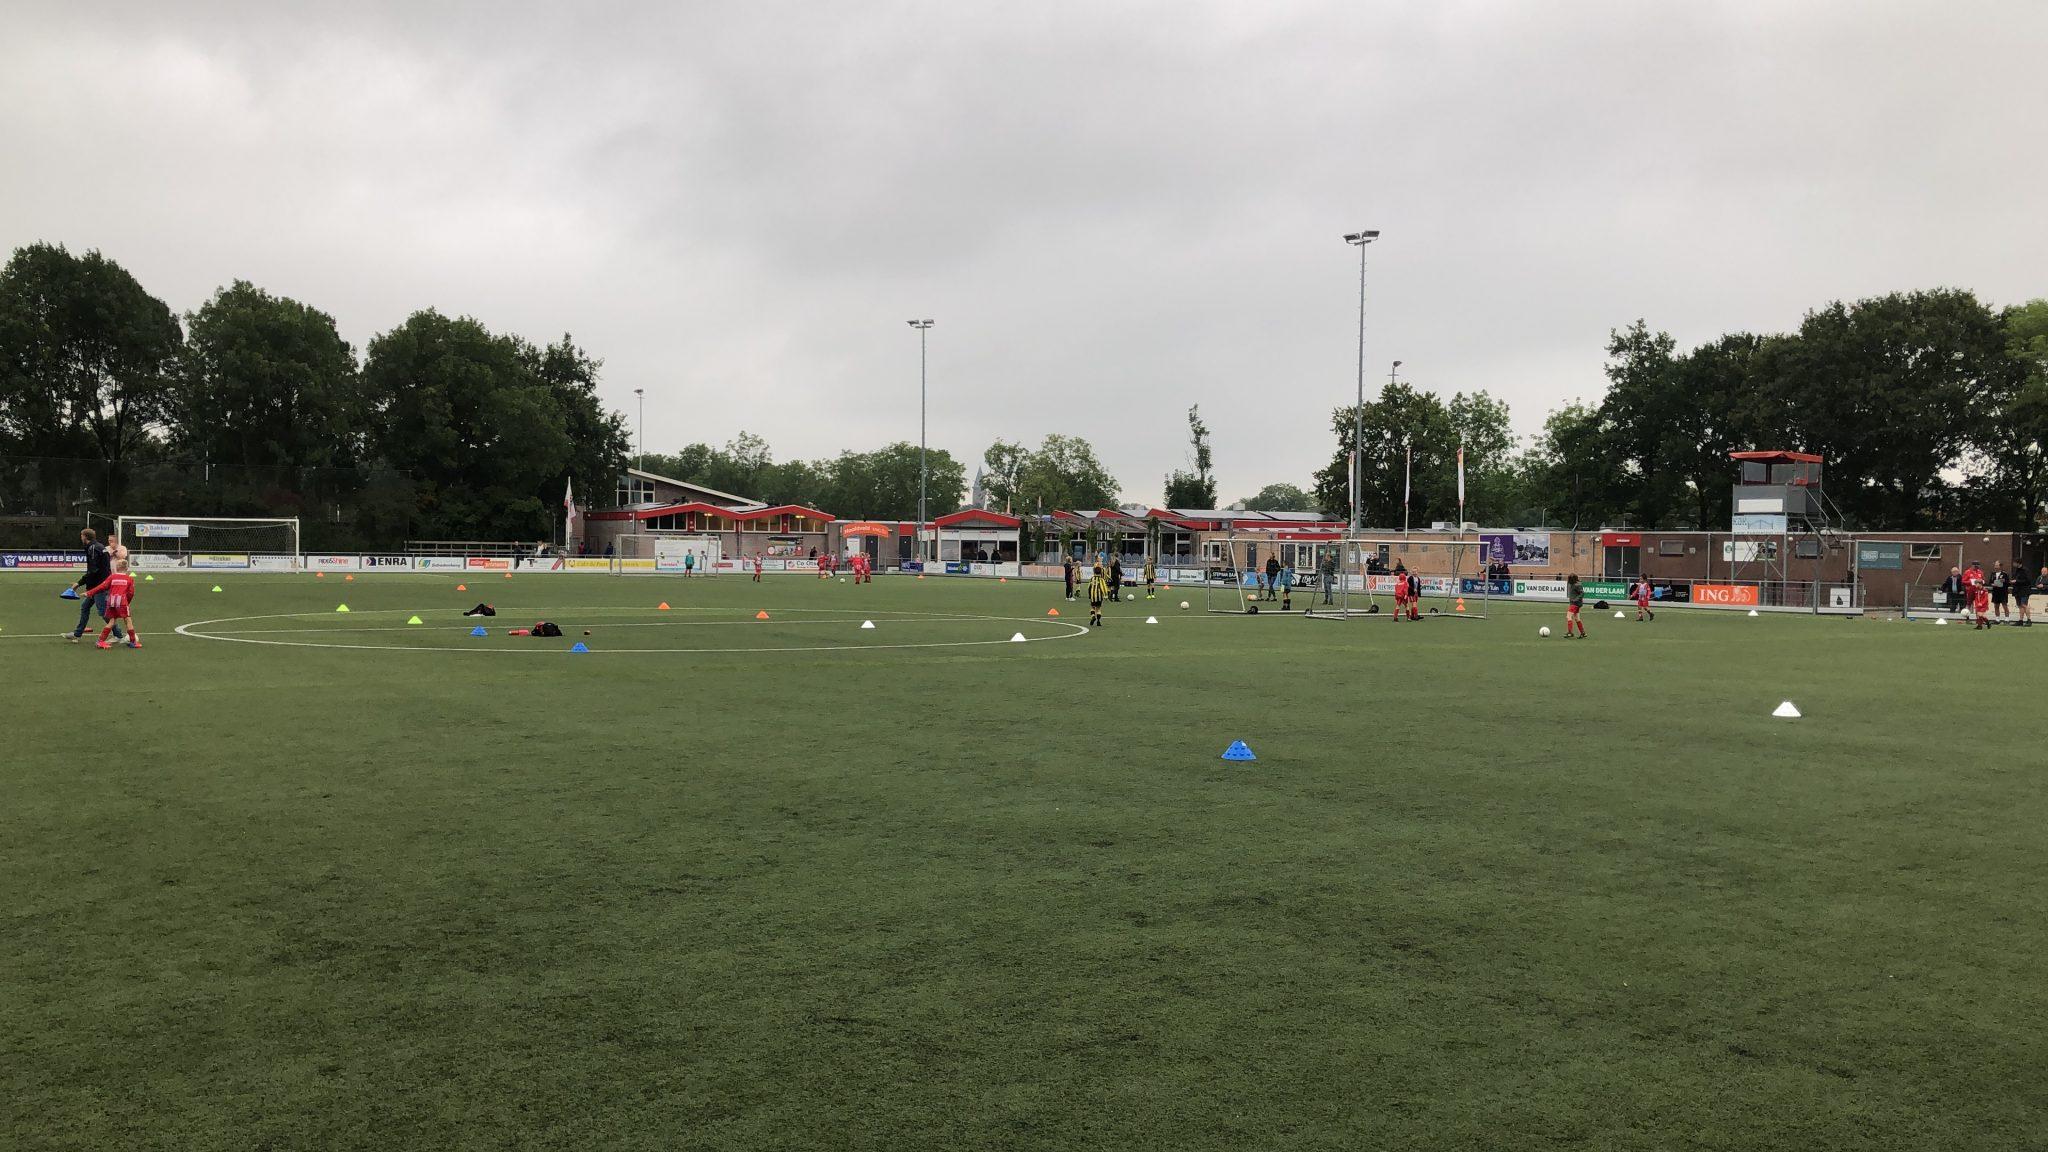 Zwaagdijk RKVV JO9 - 11 september 2021